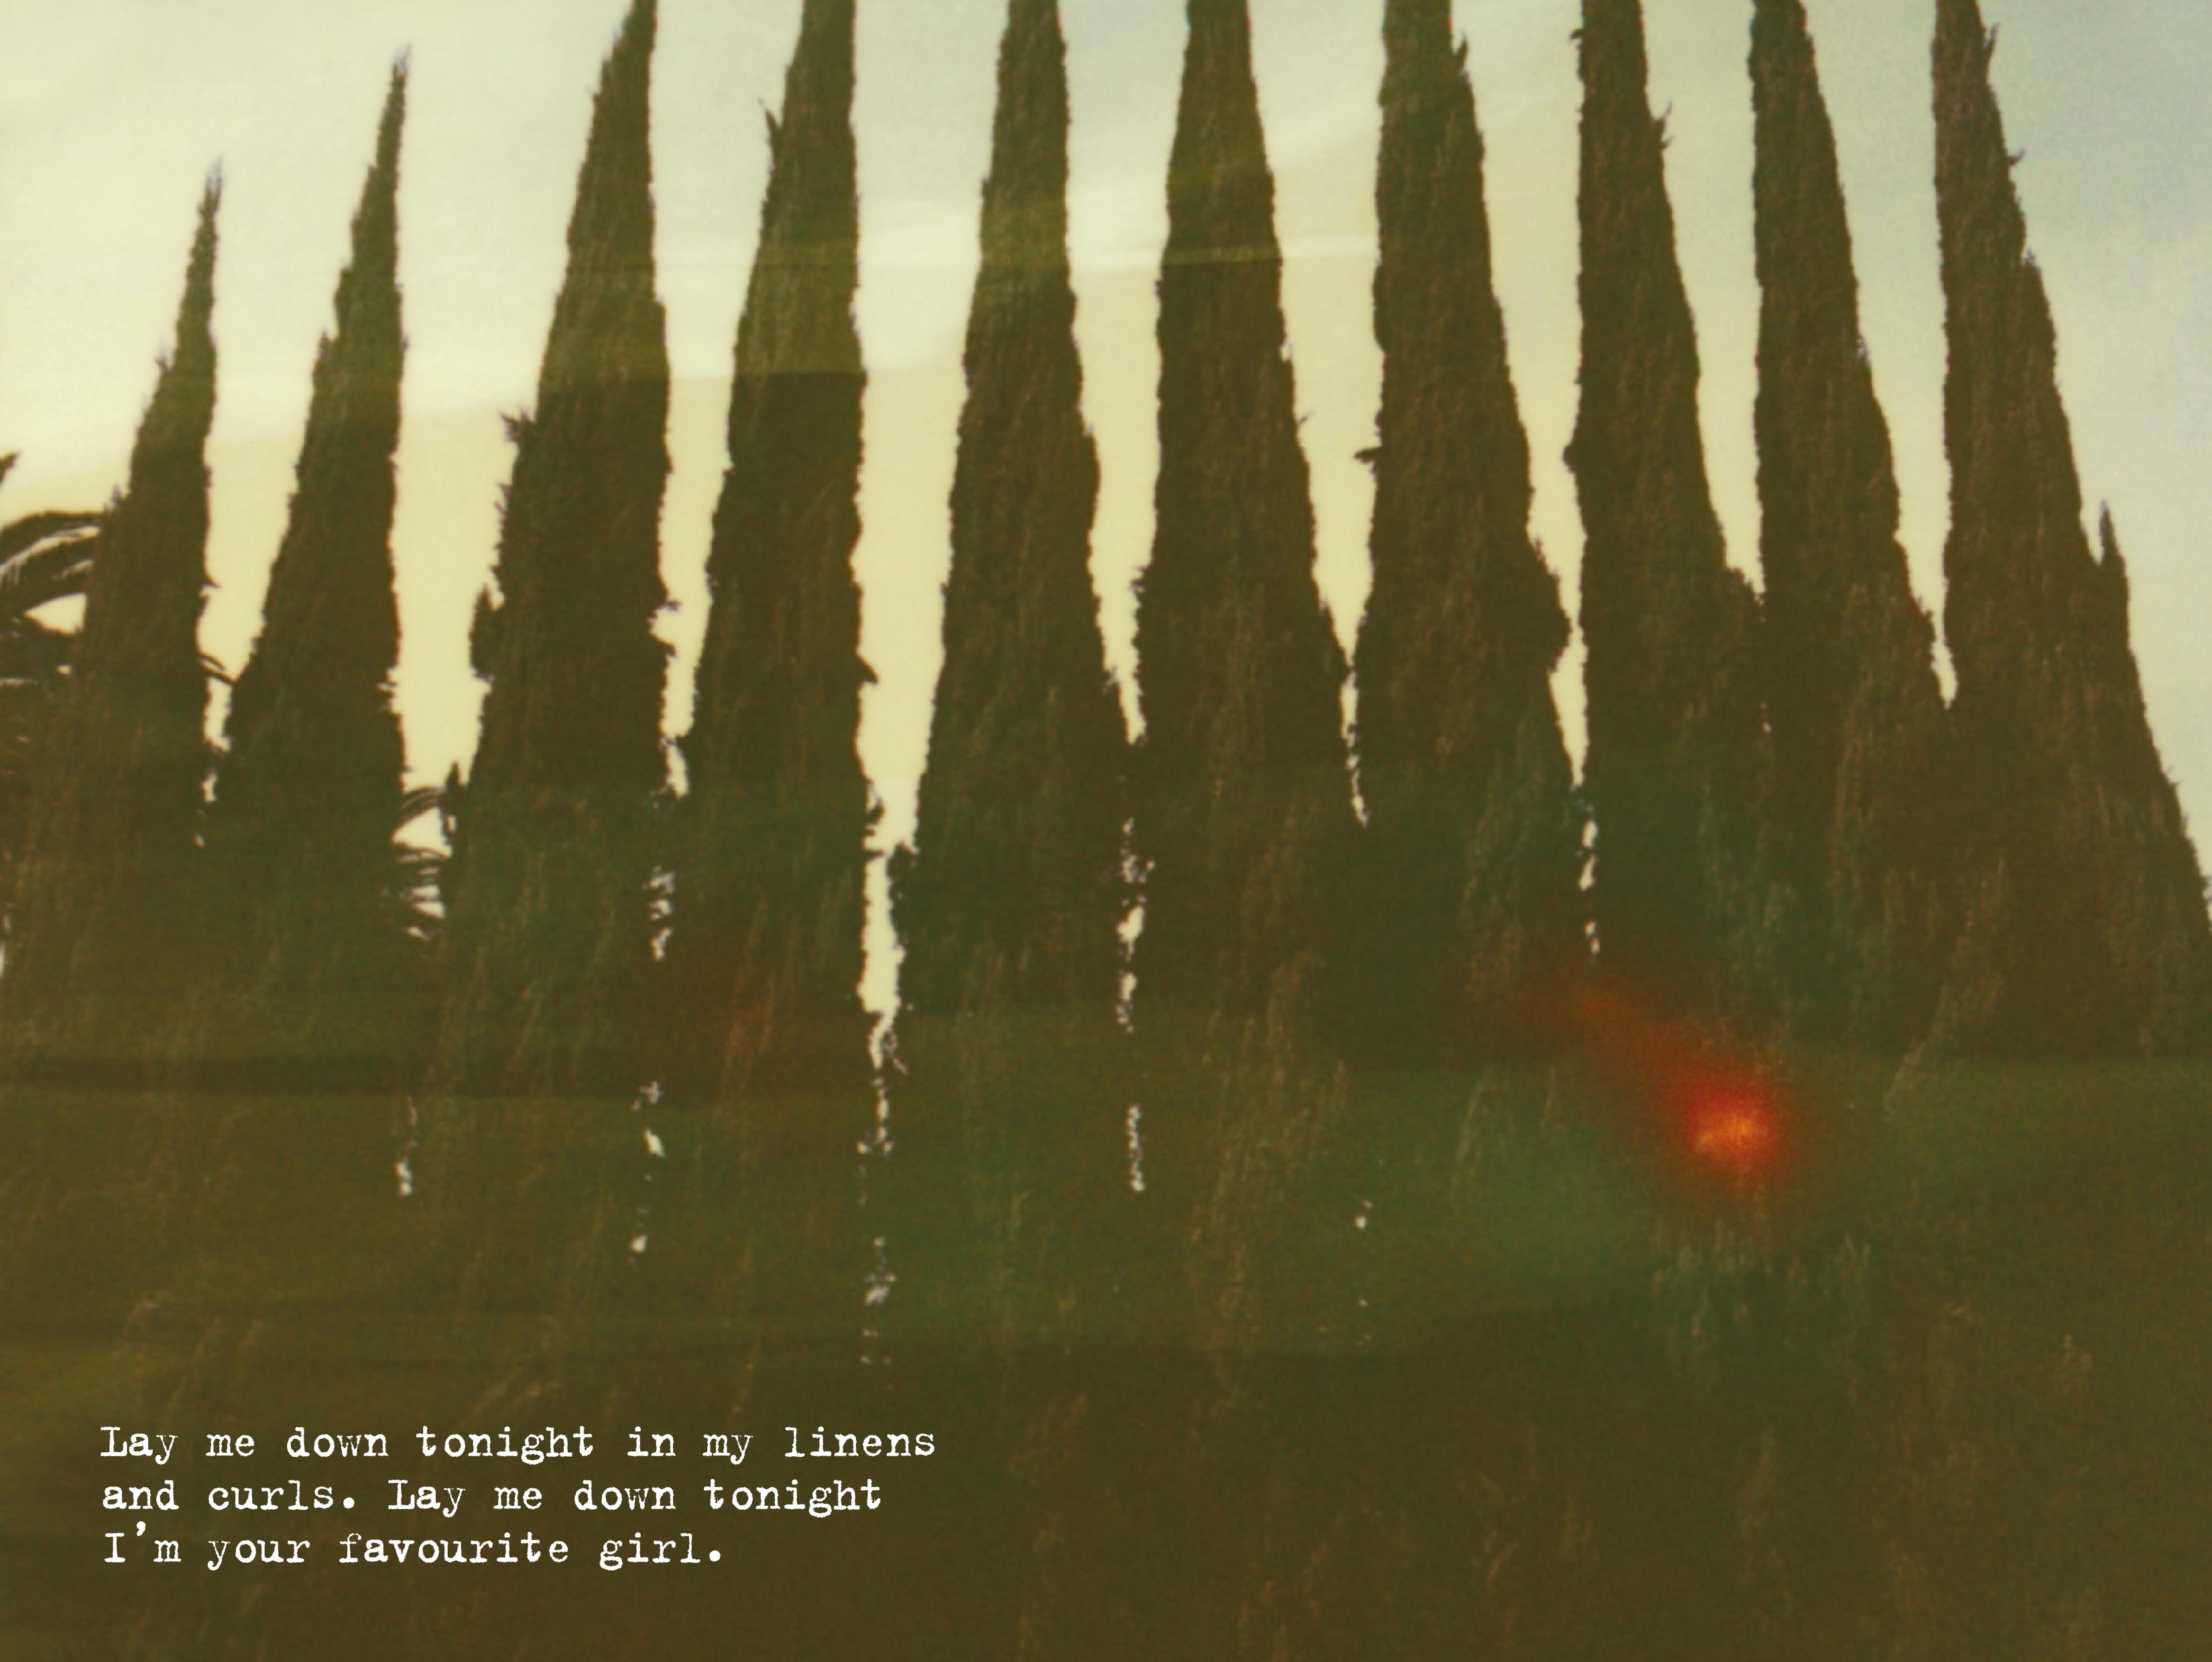 Digital_Booklet_-_Ultraviolence-5.png